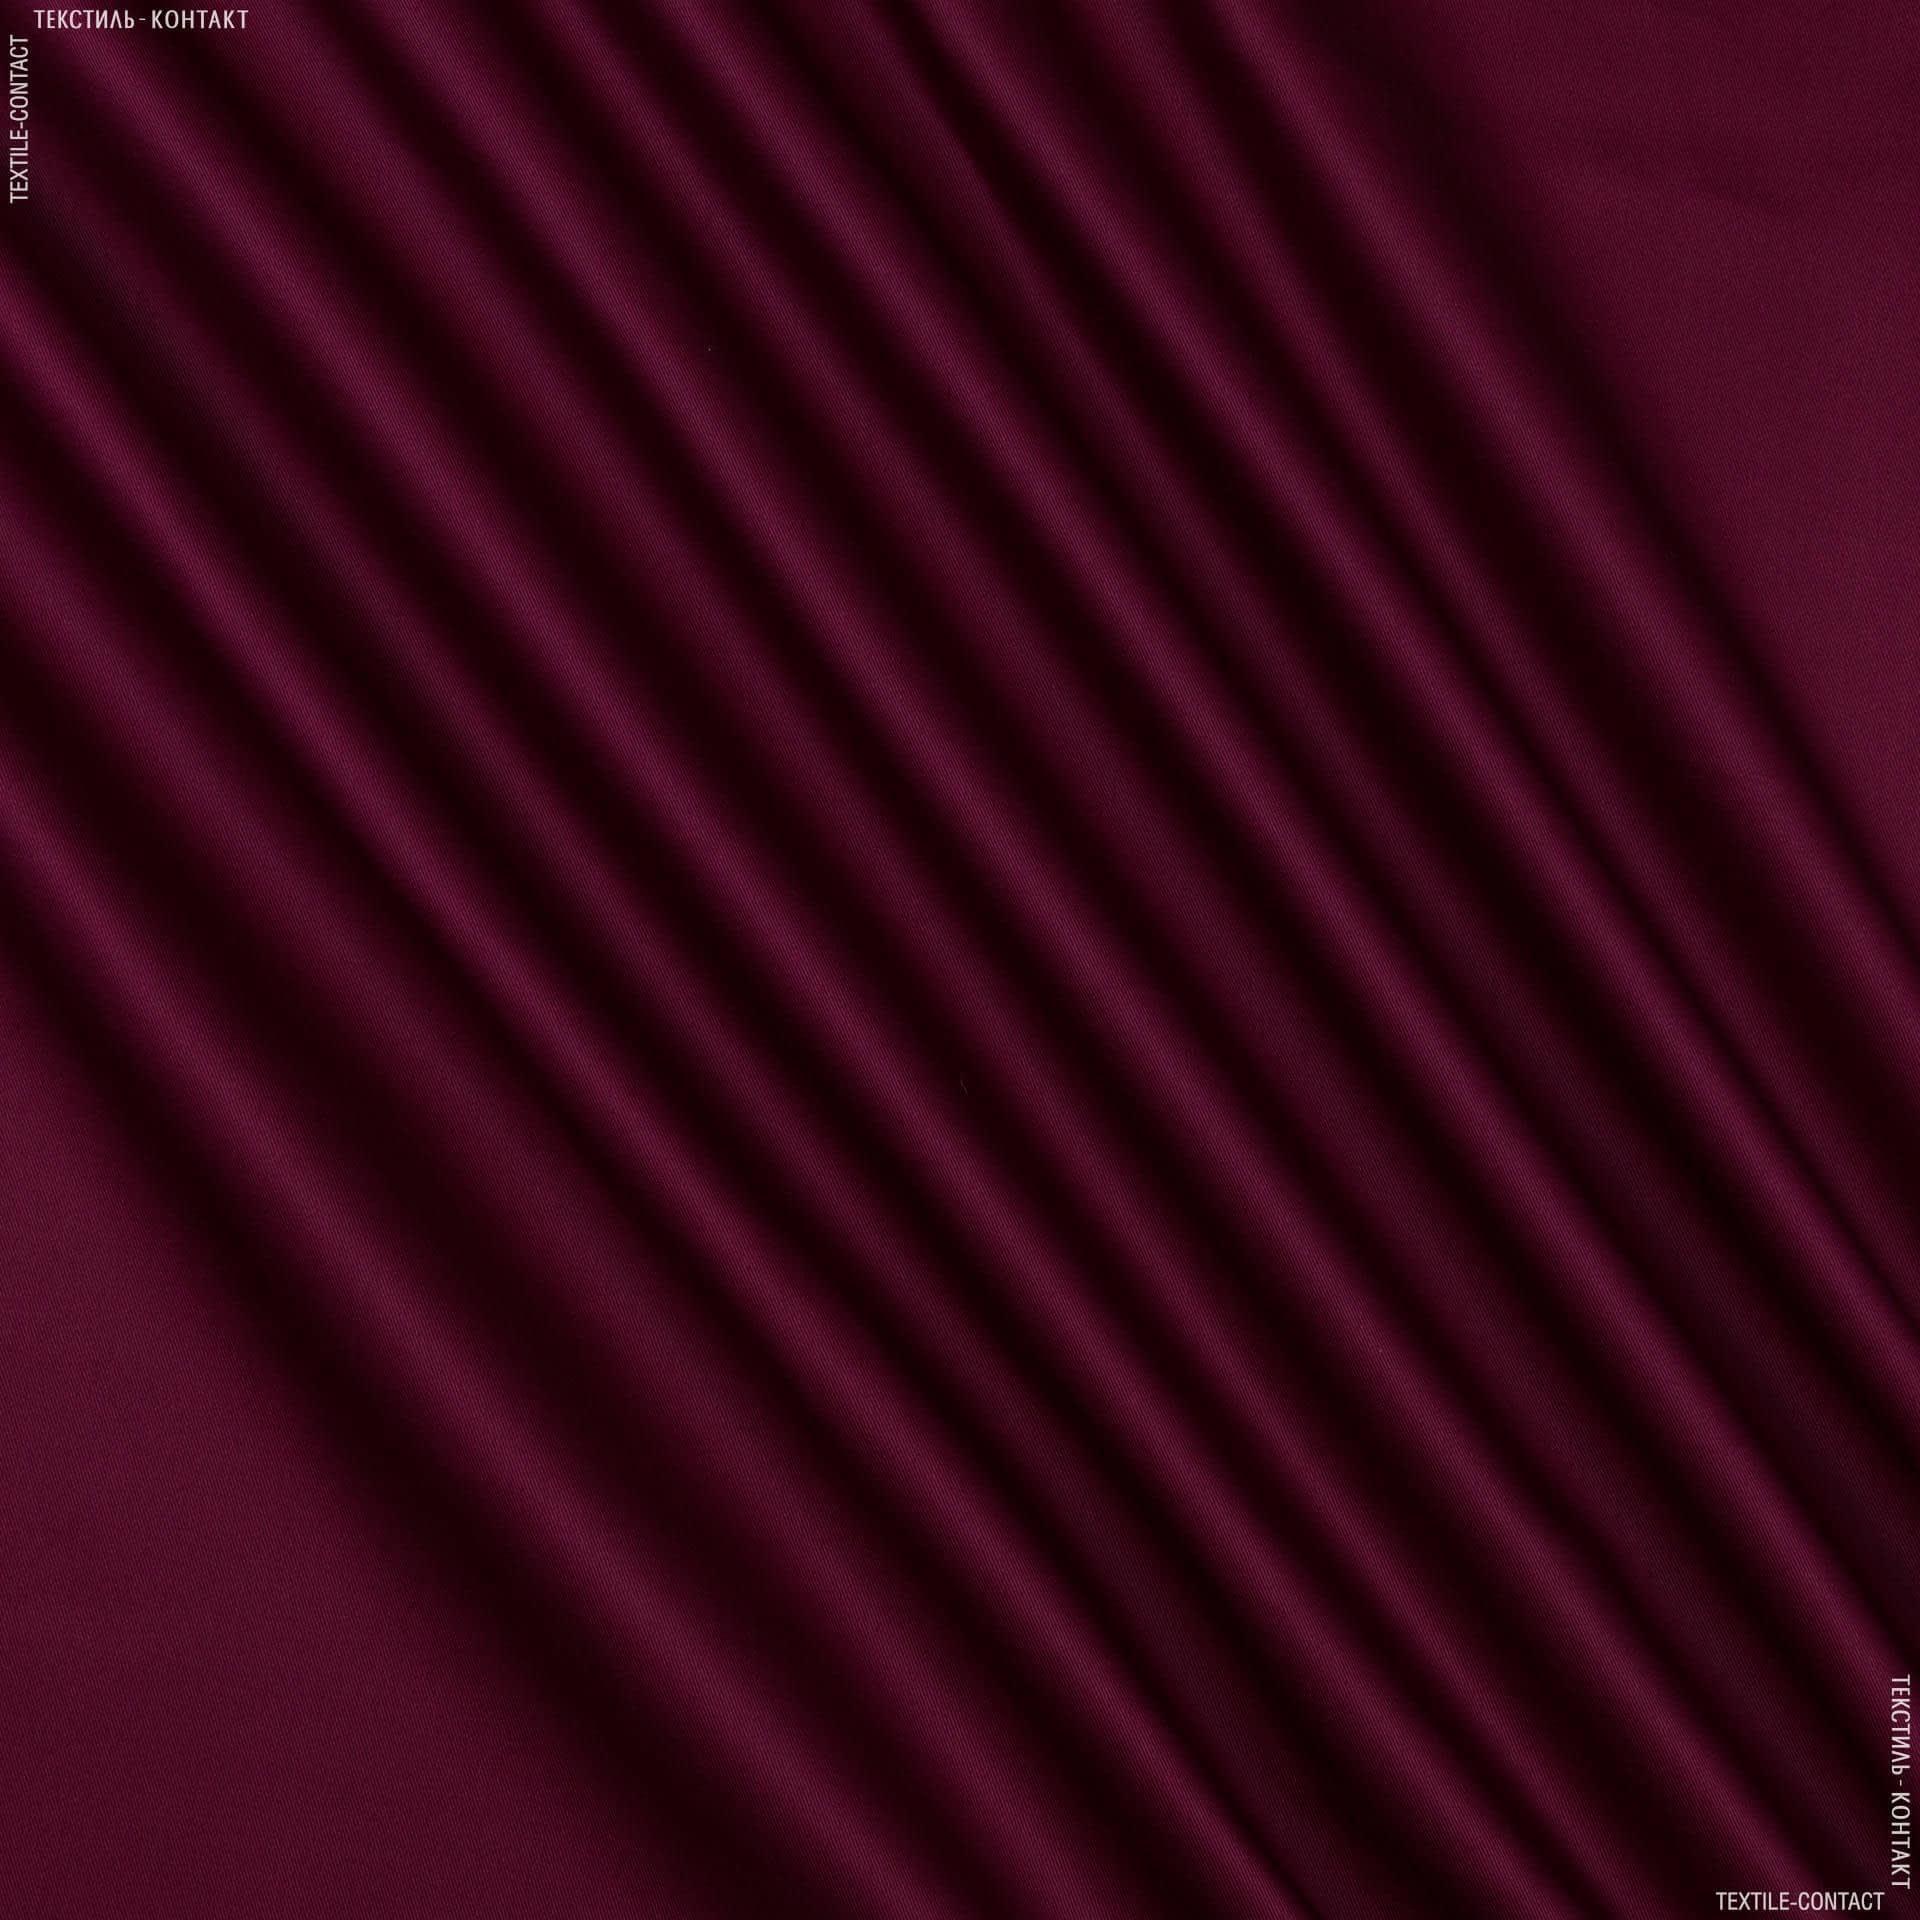 Тканини для рюкзаків - Саржа f-210 бордо